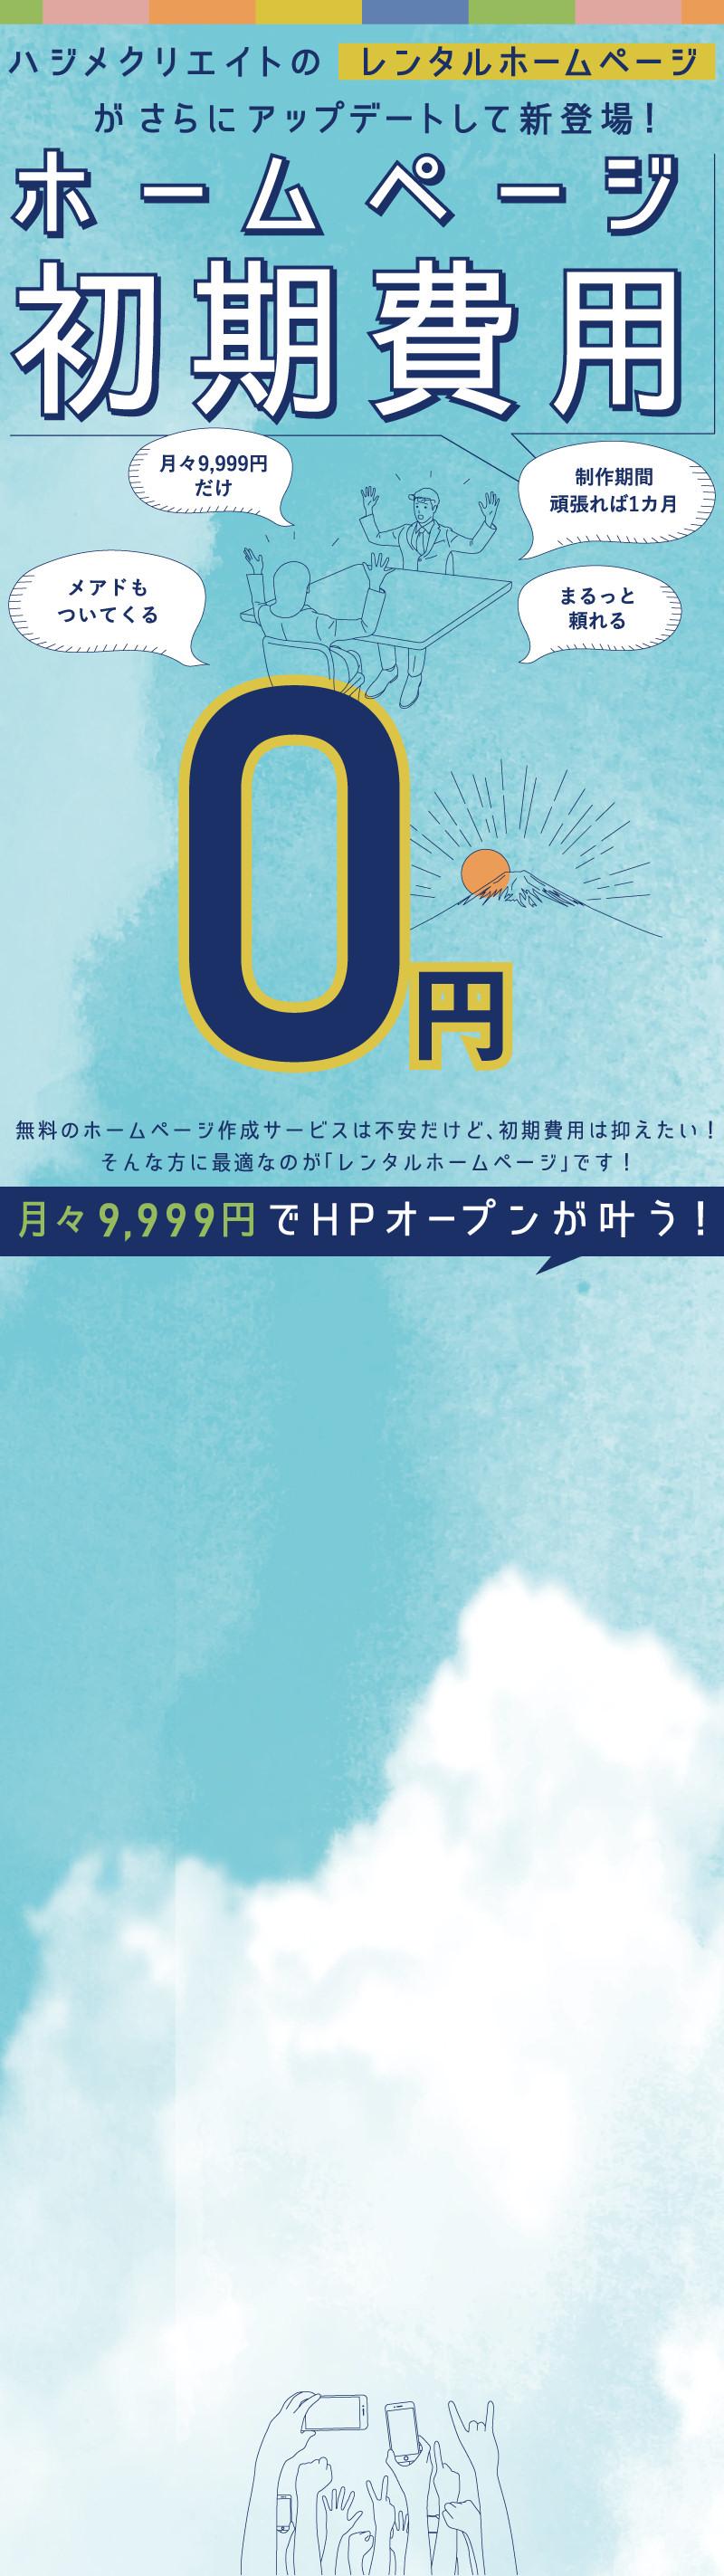 ハジメクリエイトのレンタルホームページがさらにアップデートして新登場!ホームページ初期費用0円